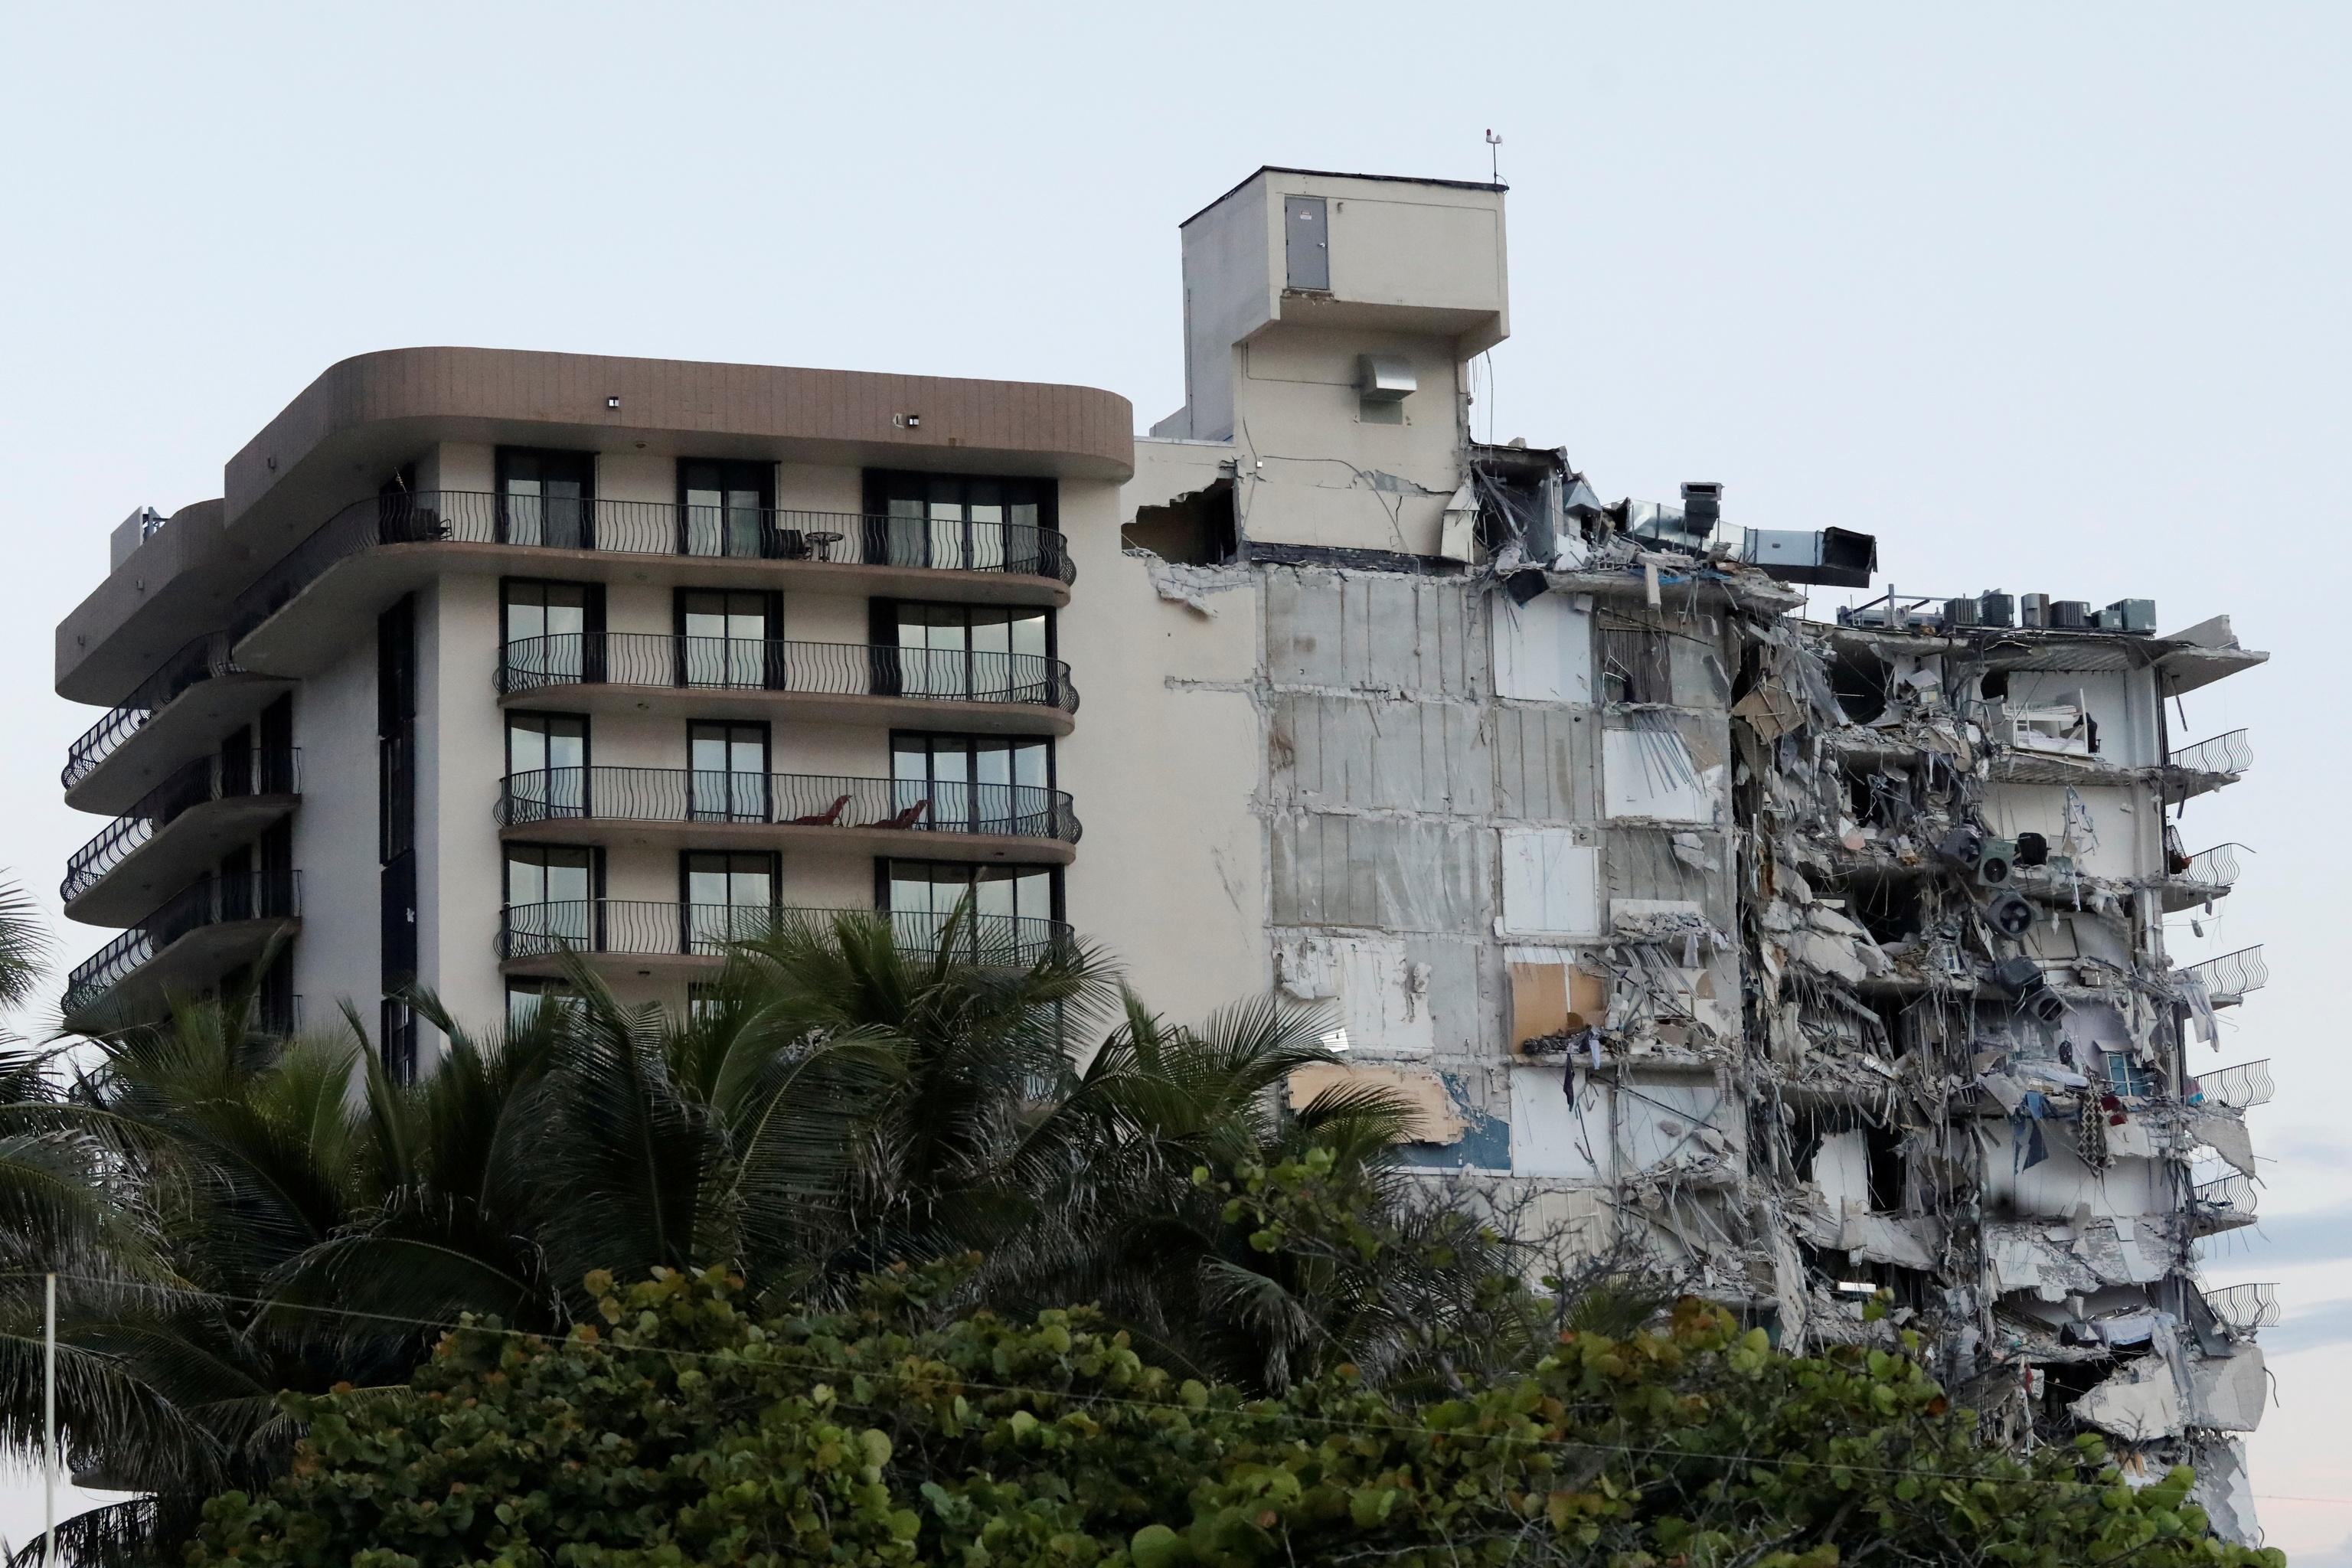 Imagen del edificio en el que están trabajando los equipos de rescate.